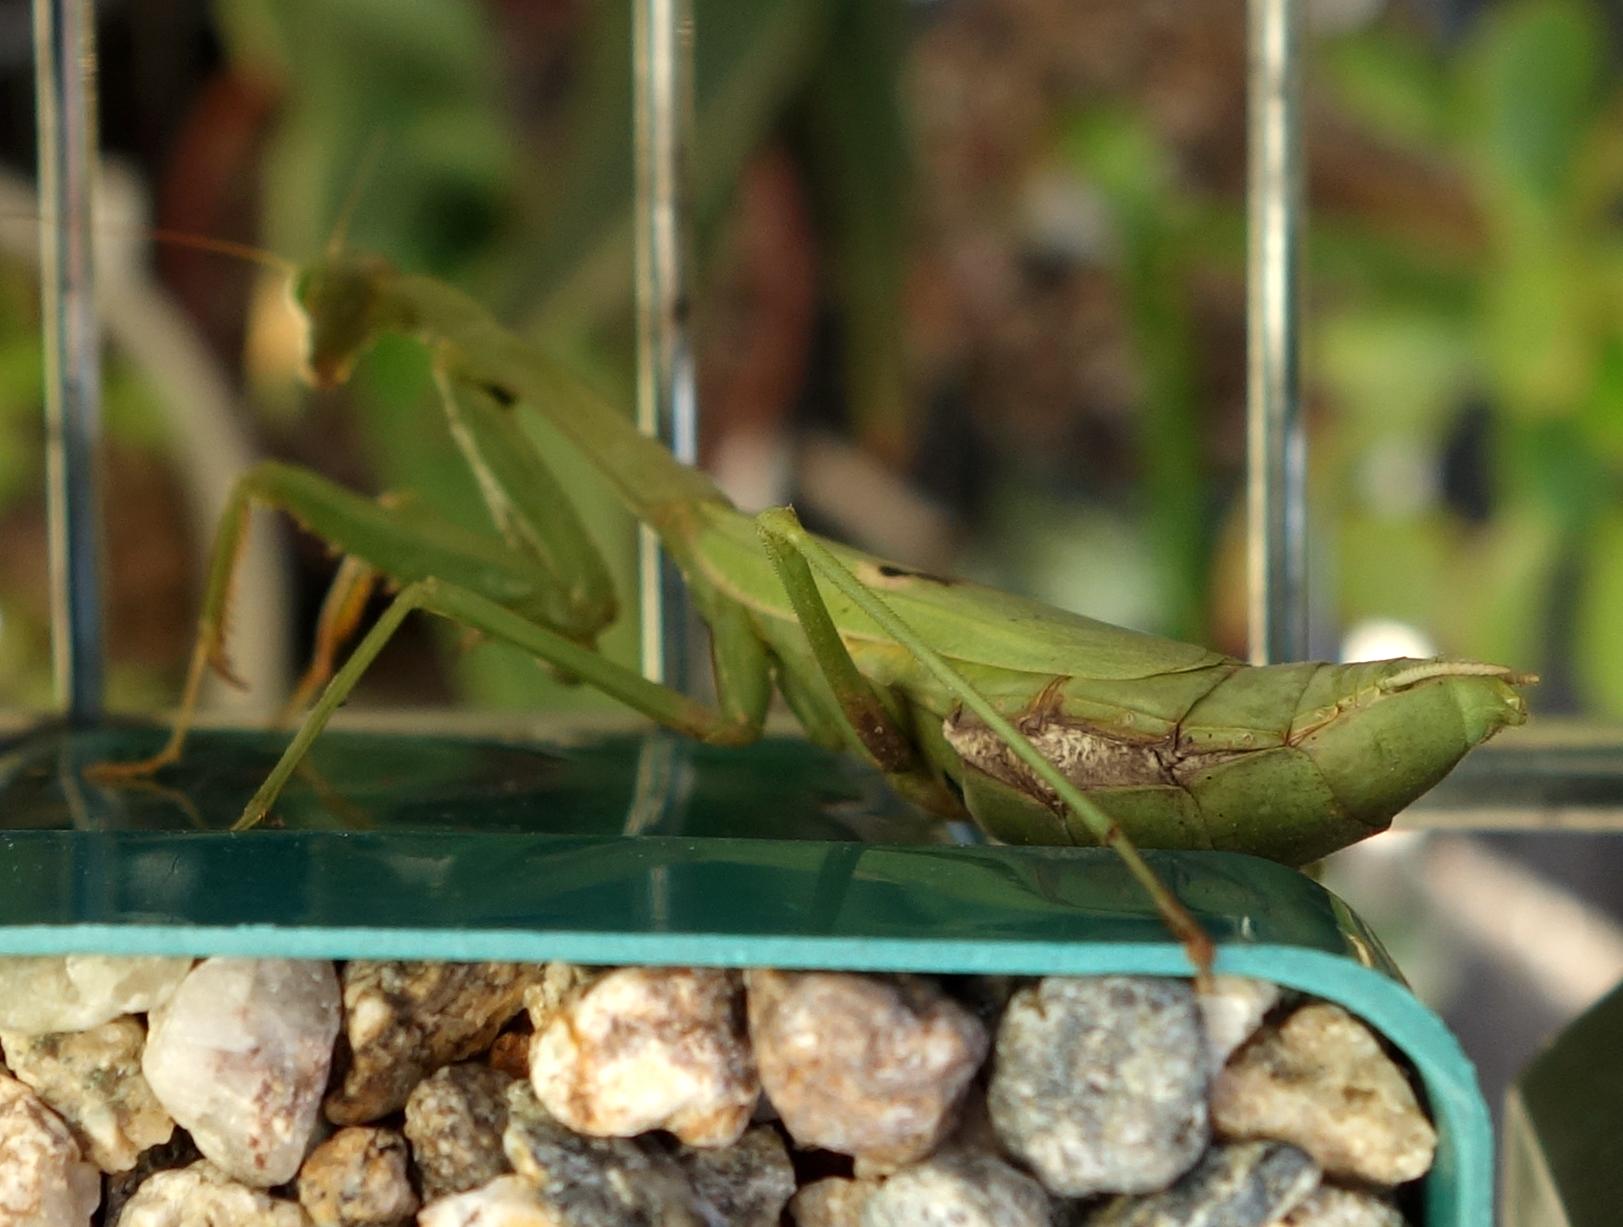 Praying mantis Oct16 back1.jpg